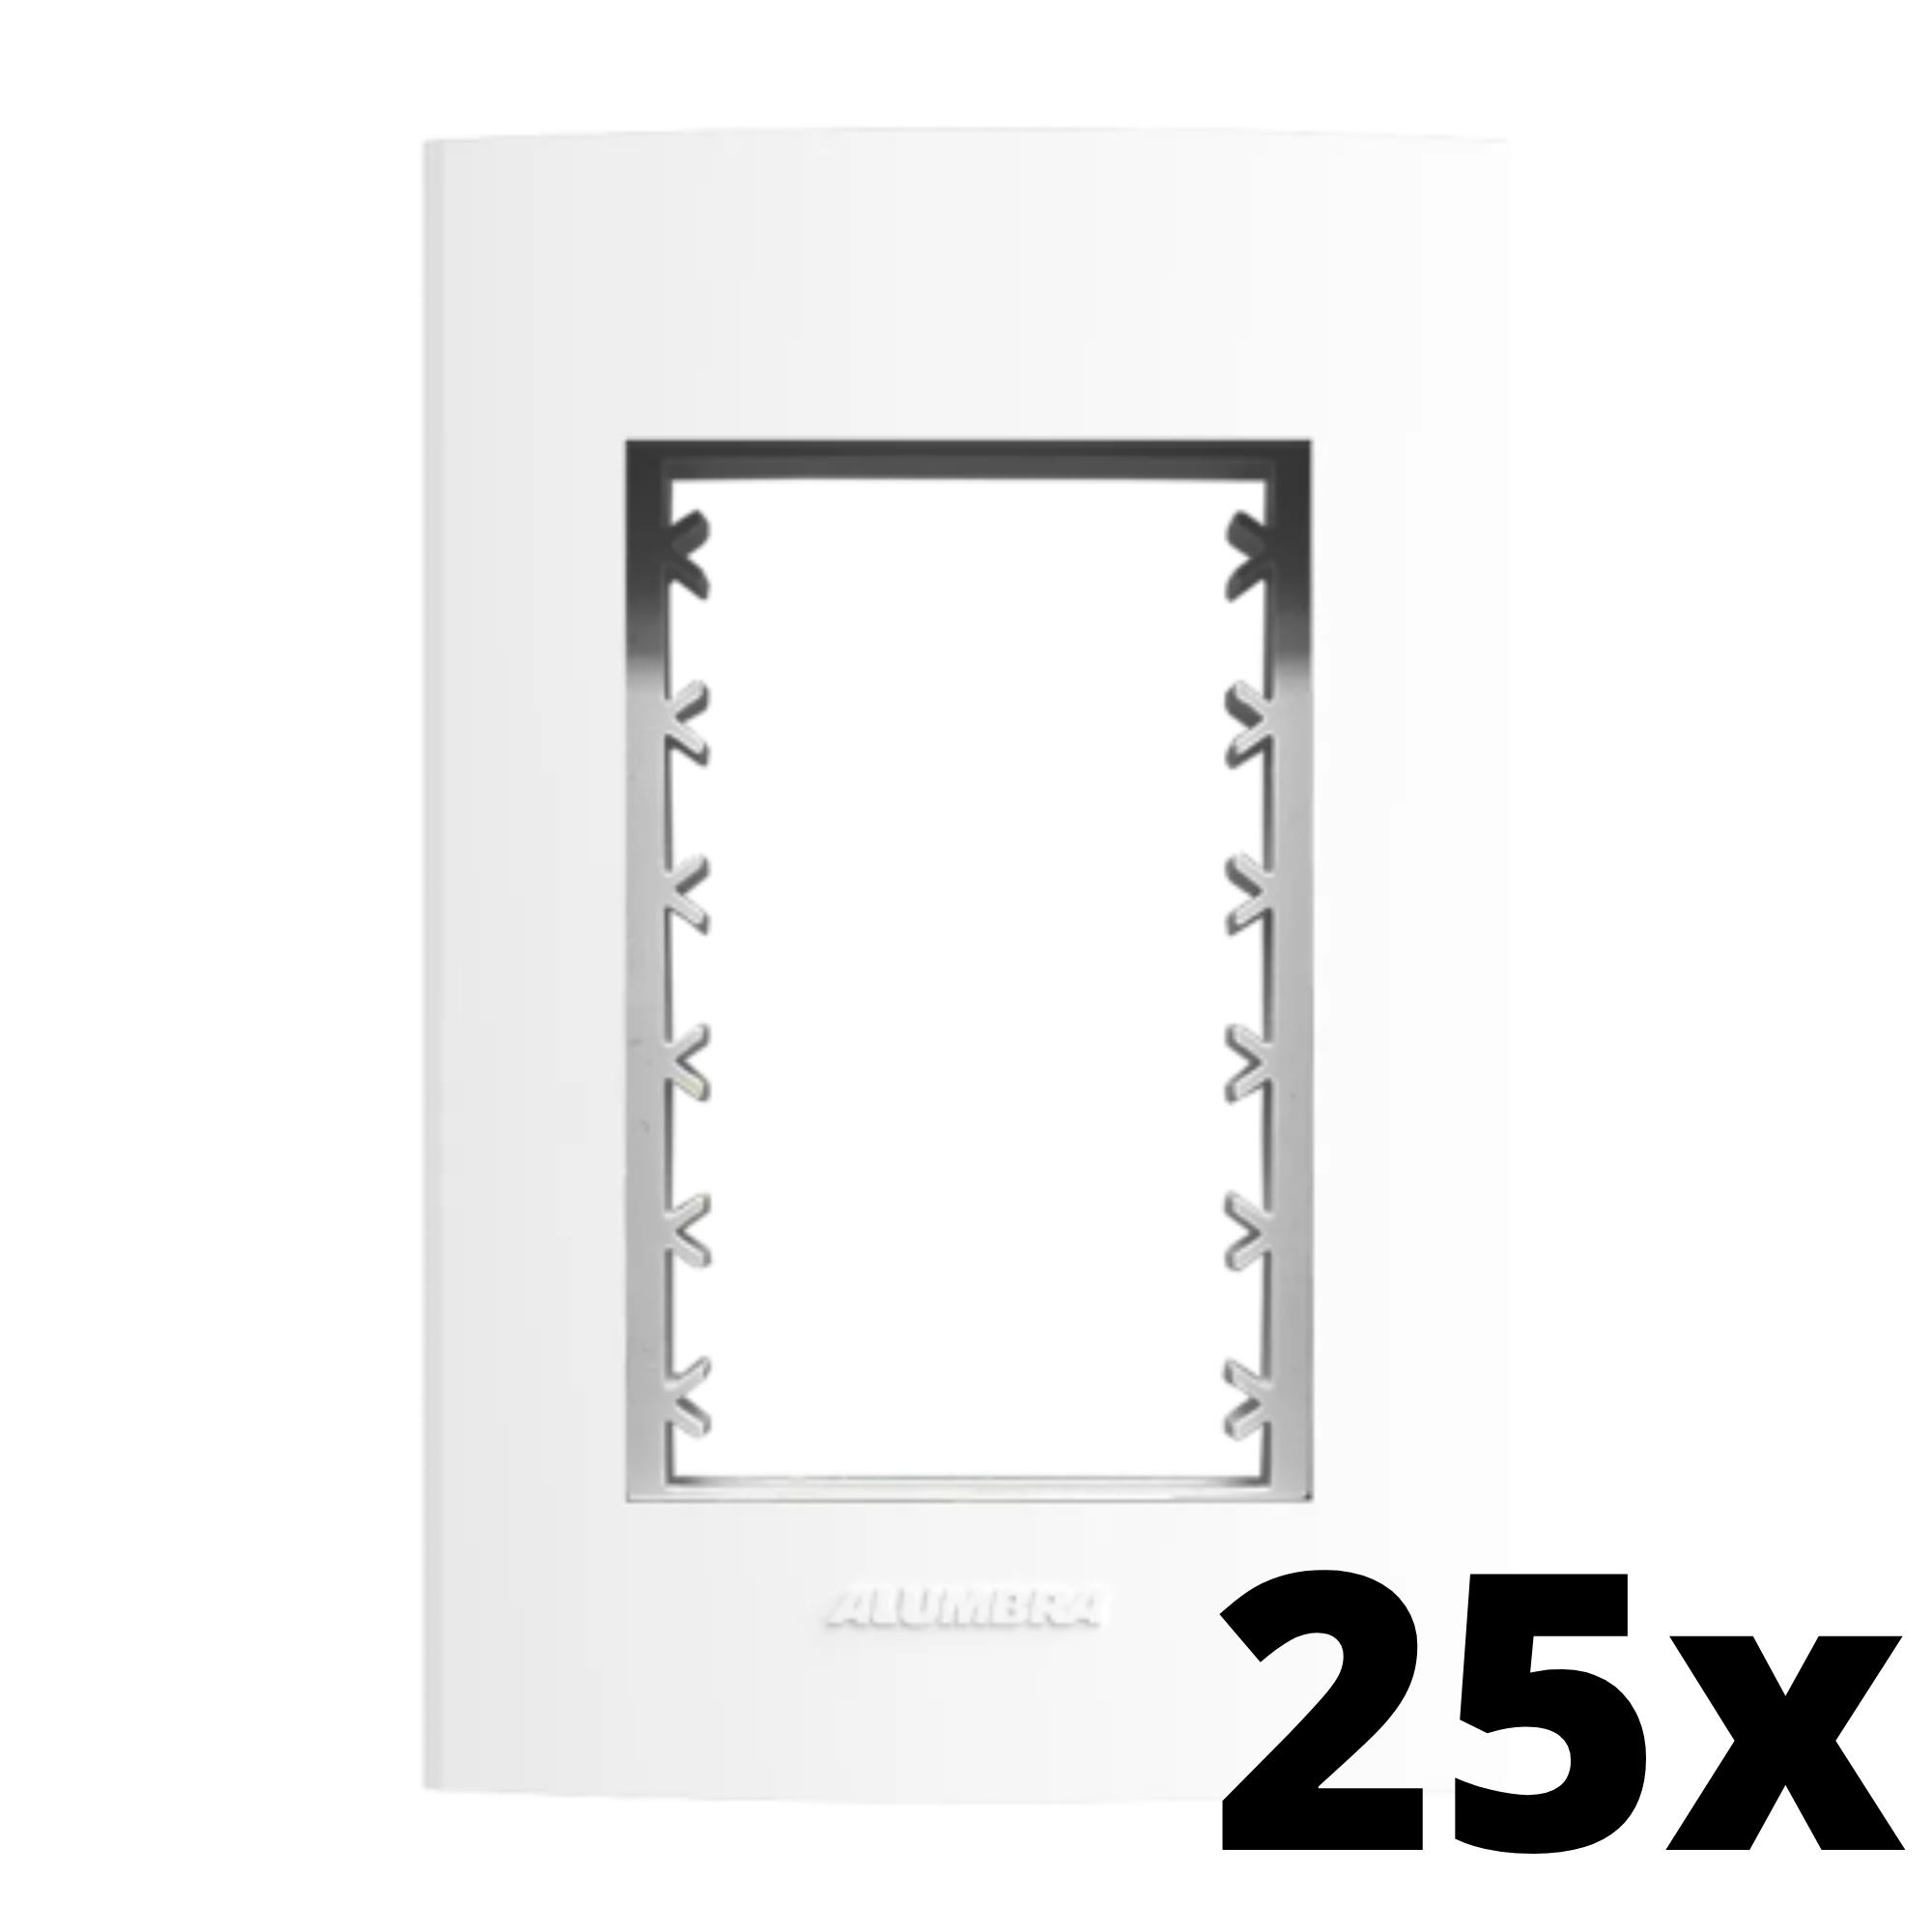 Kit 25 und Inova Pró Placa 4x2 3 Seções